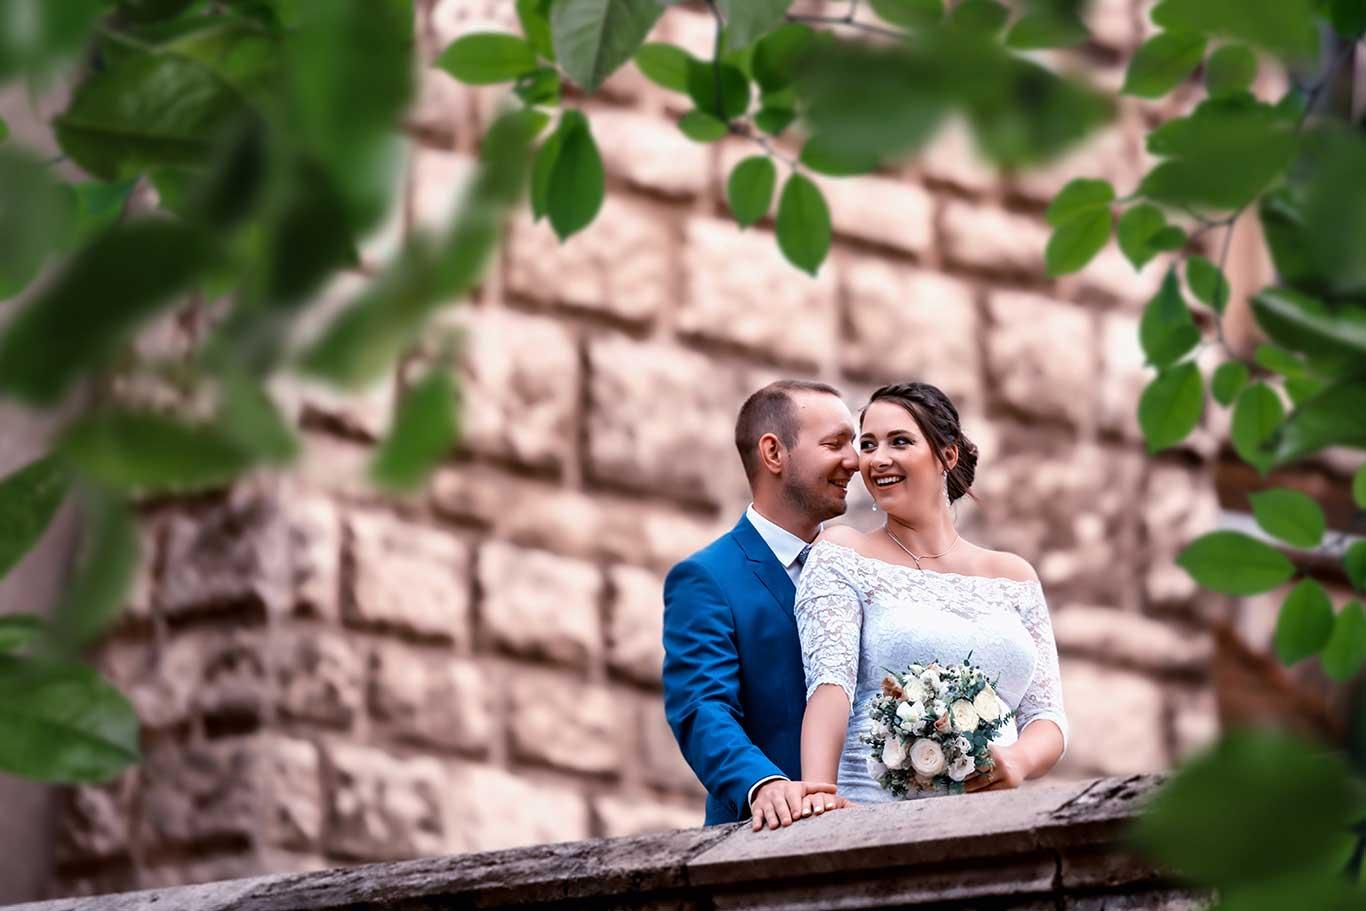 Menyasszony és Vőlegény - Esküvői Fotós